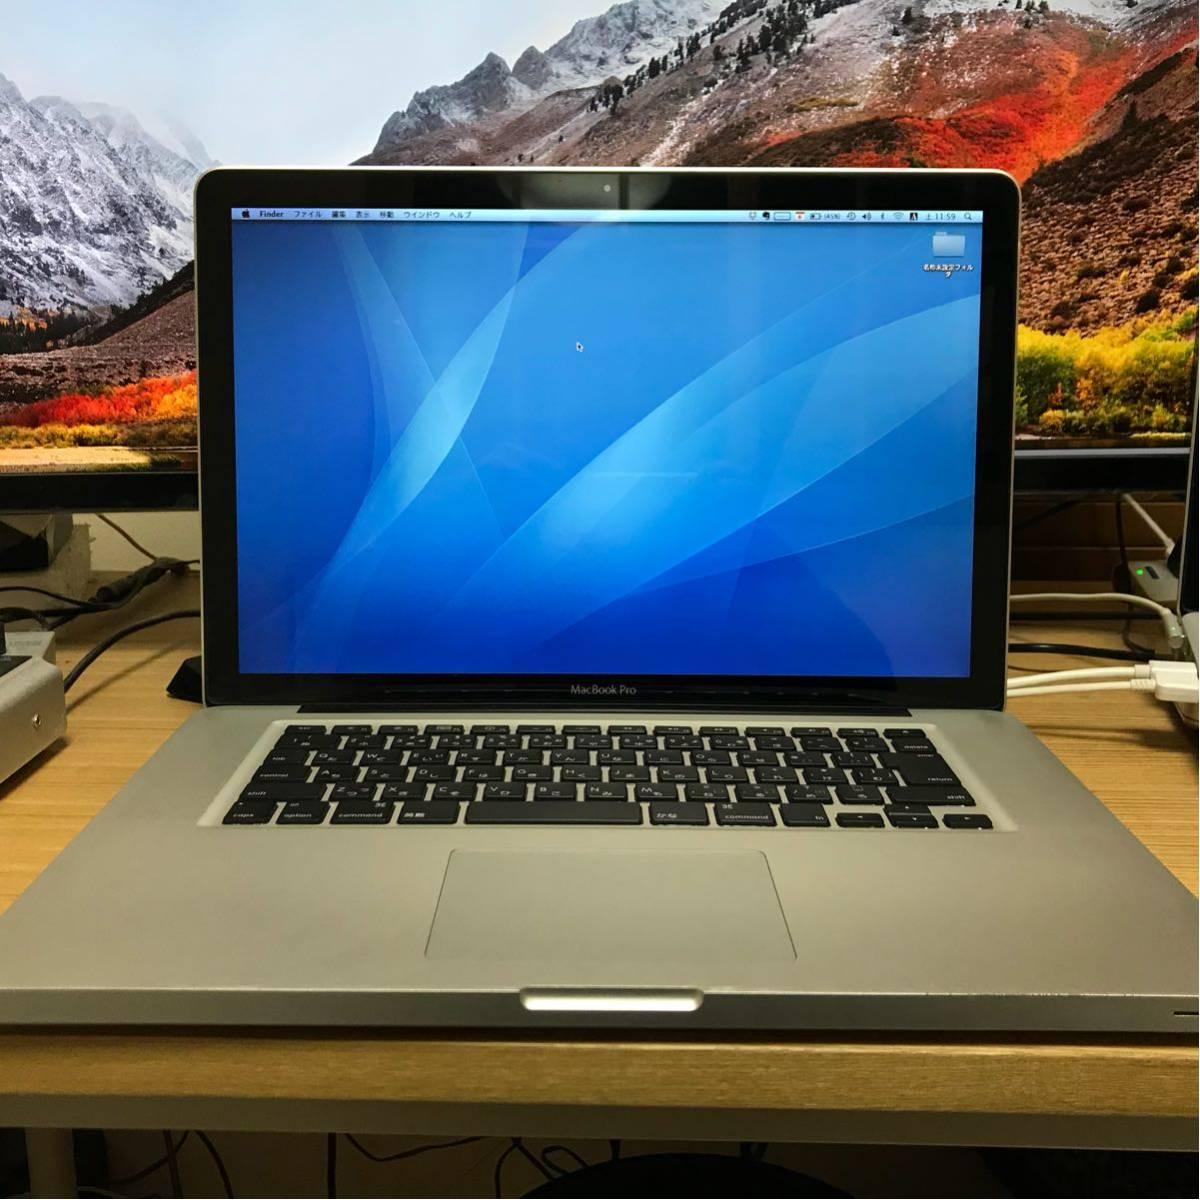 【送料無料】Apple MacBook Pro (15-inch, Mid 2010) ジャンク品